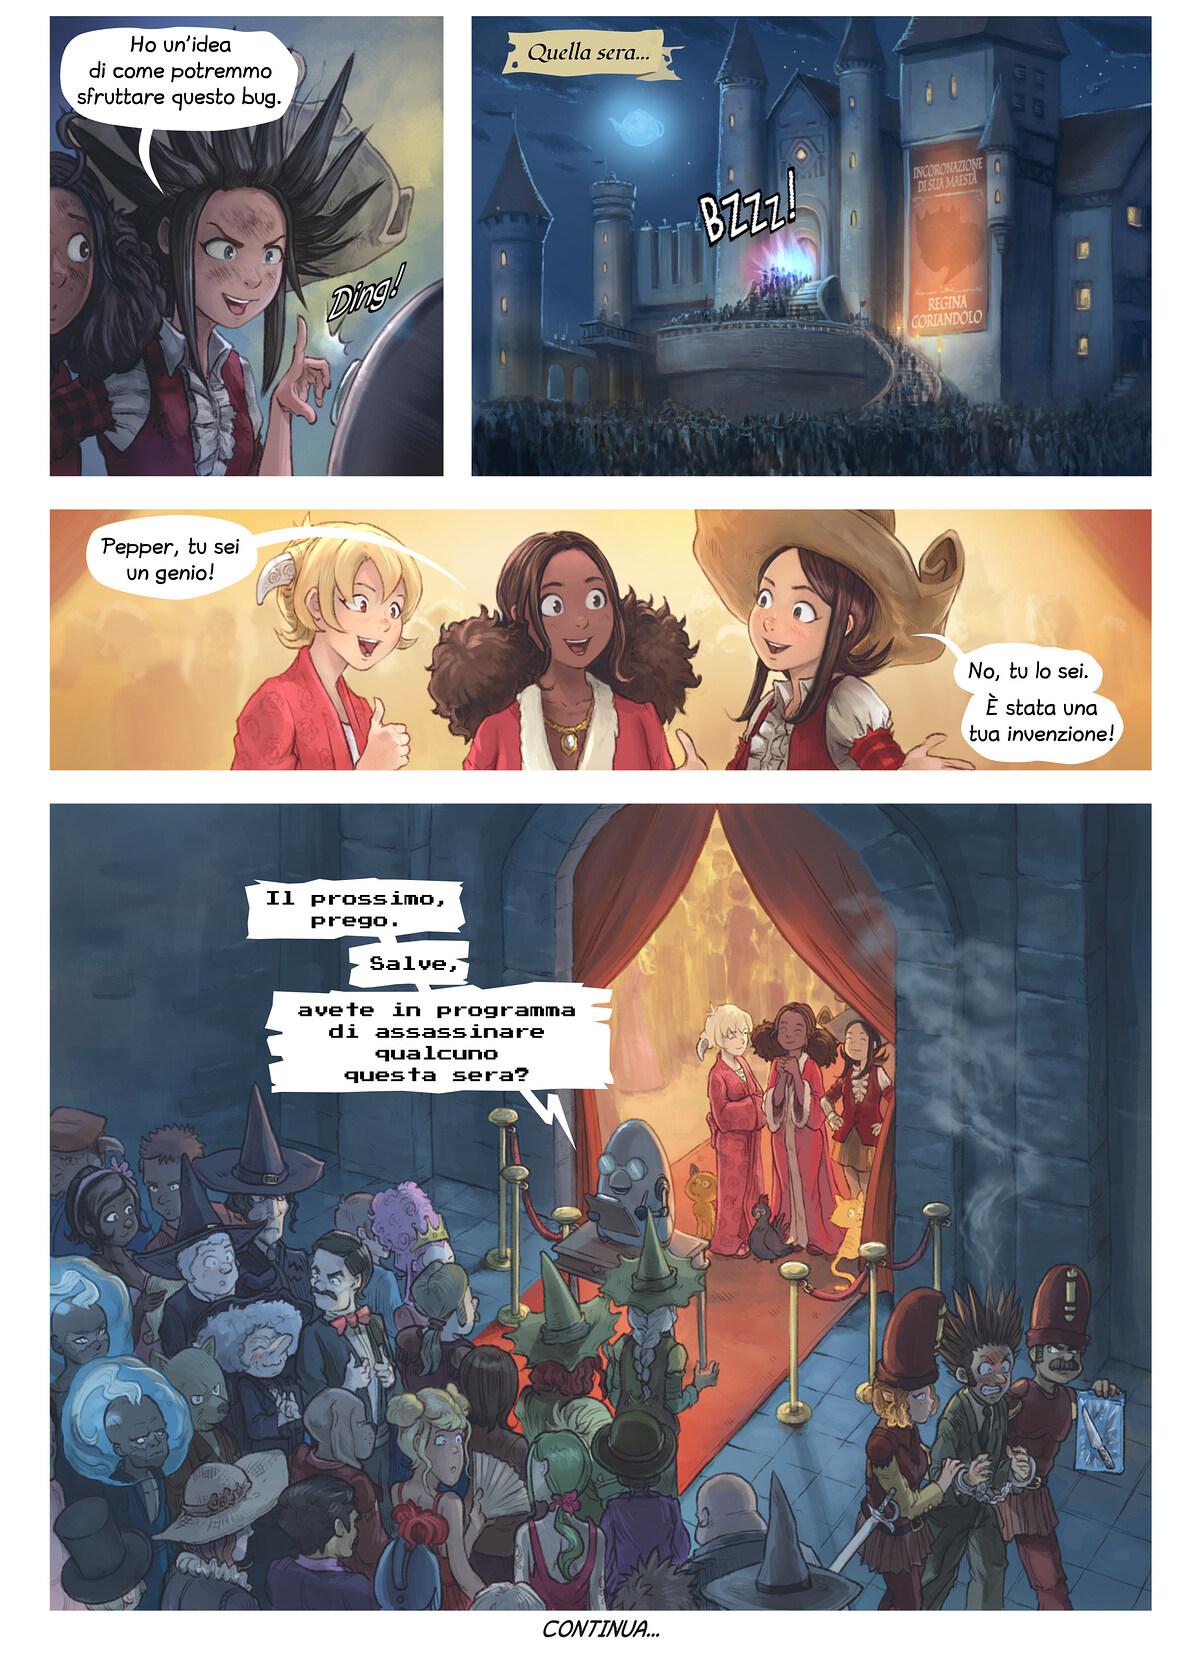 Episodio 27: L'invenzione di Coriandolo, Page 6